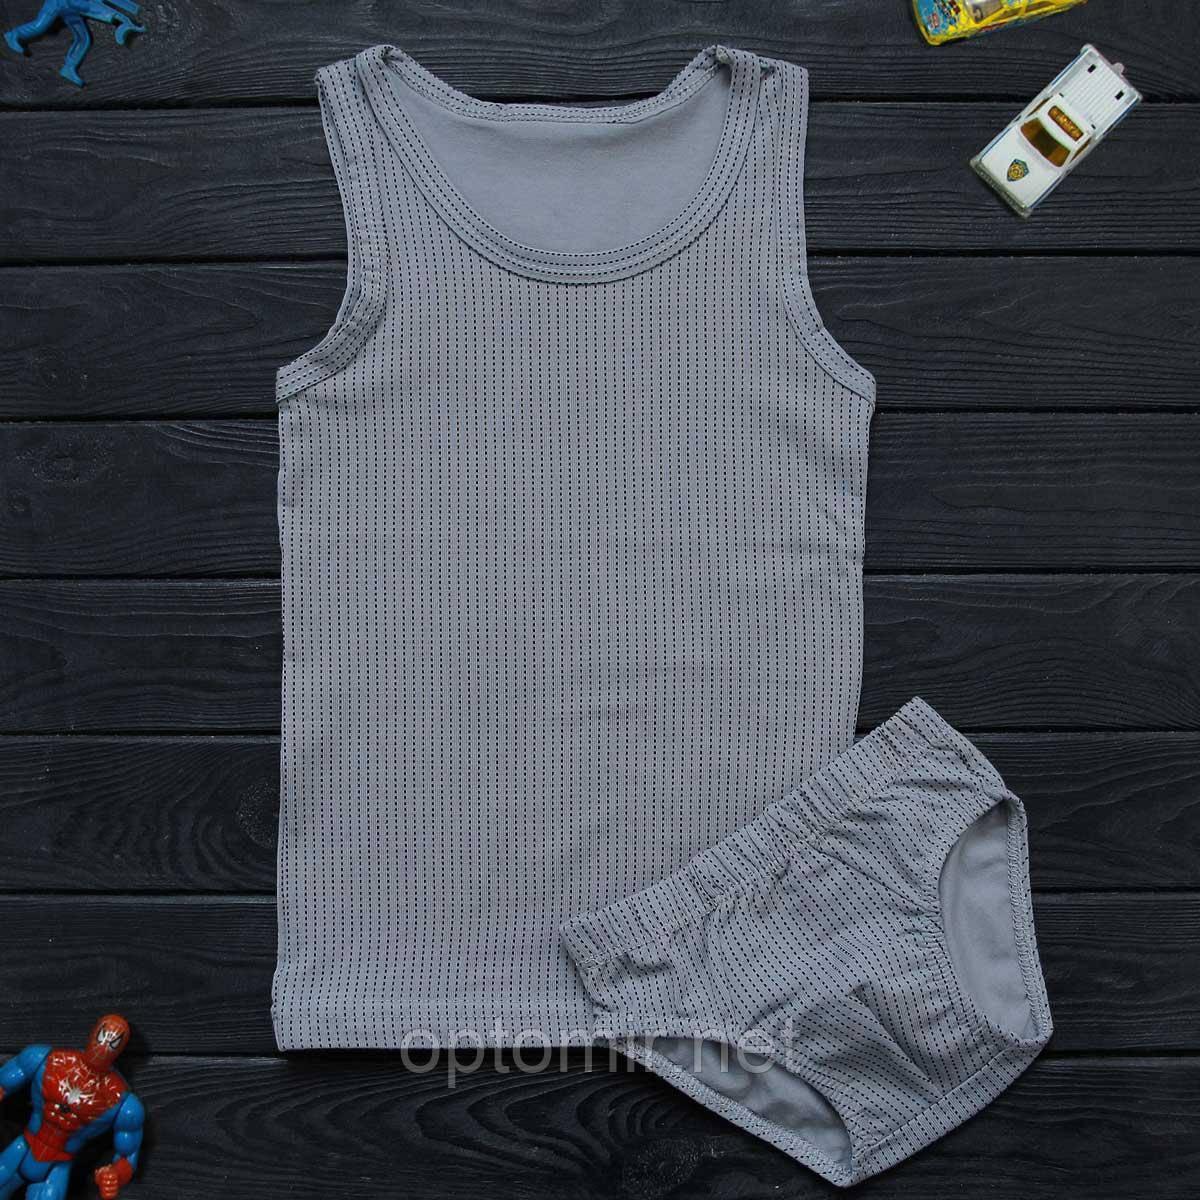 Комплект детский Donella серый для мальчика на 8/9 лет | 1шт.